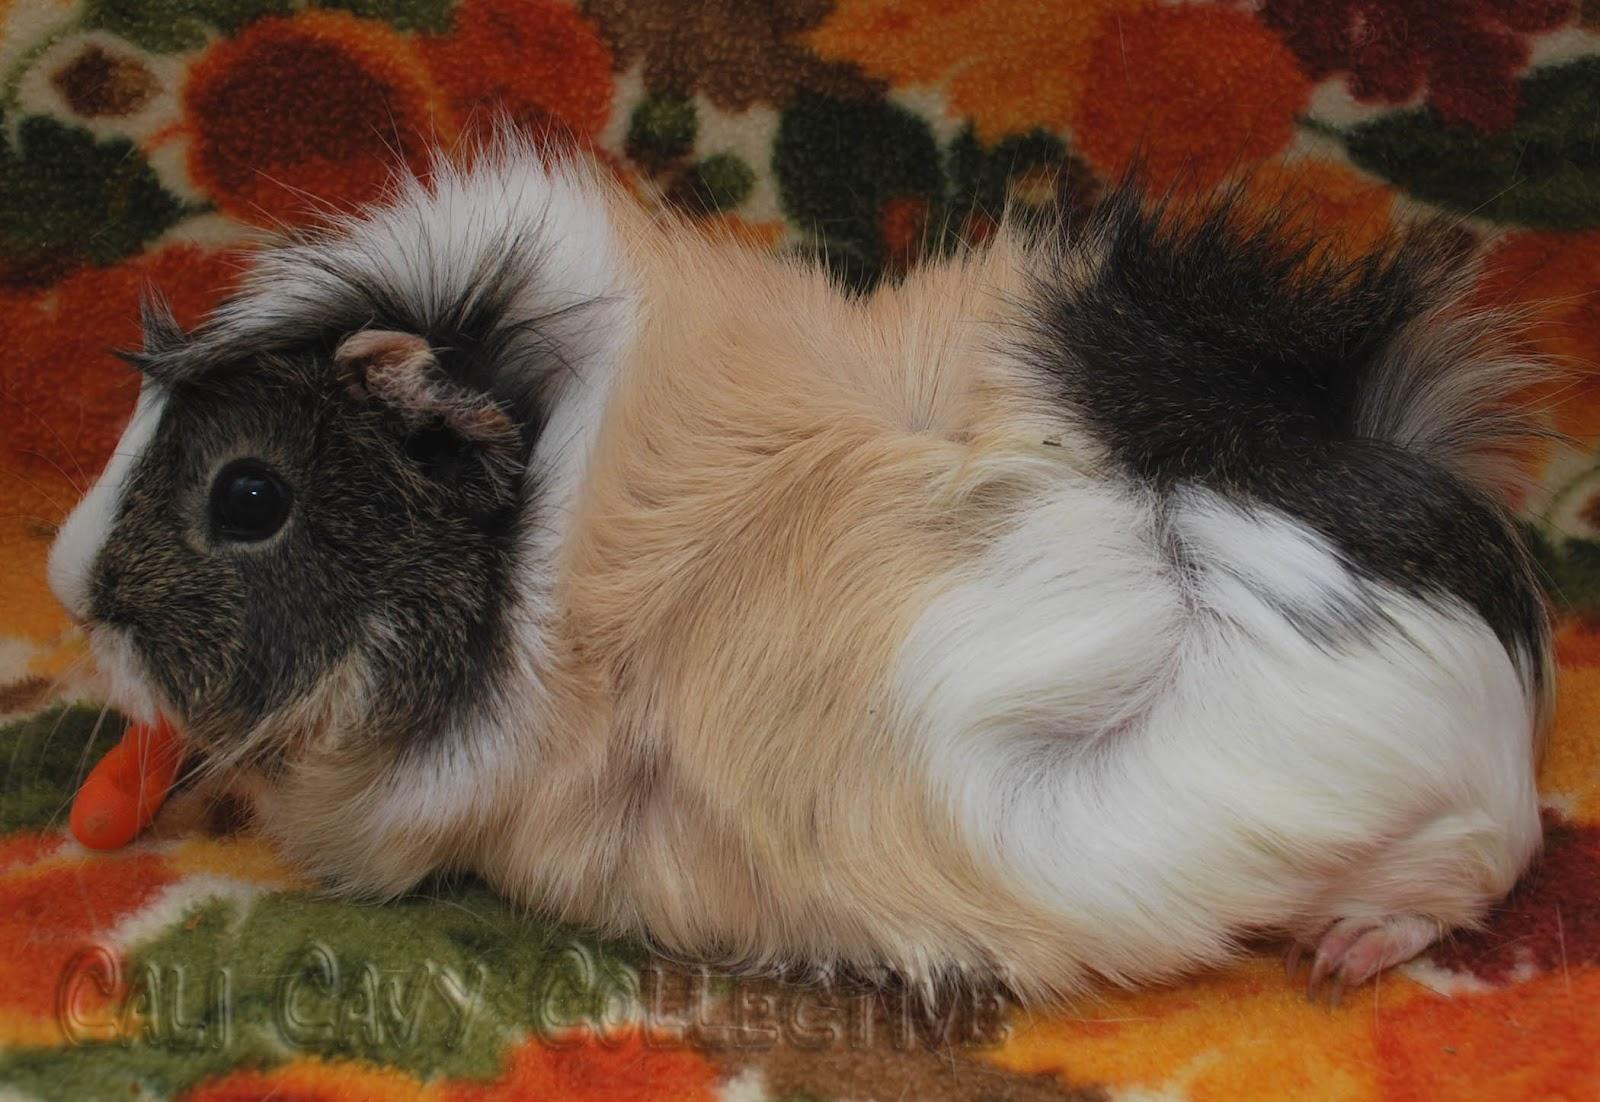 Tms antibiotic guinea pig - TheodoreBates1's blog